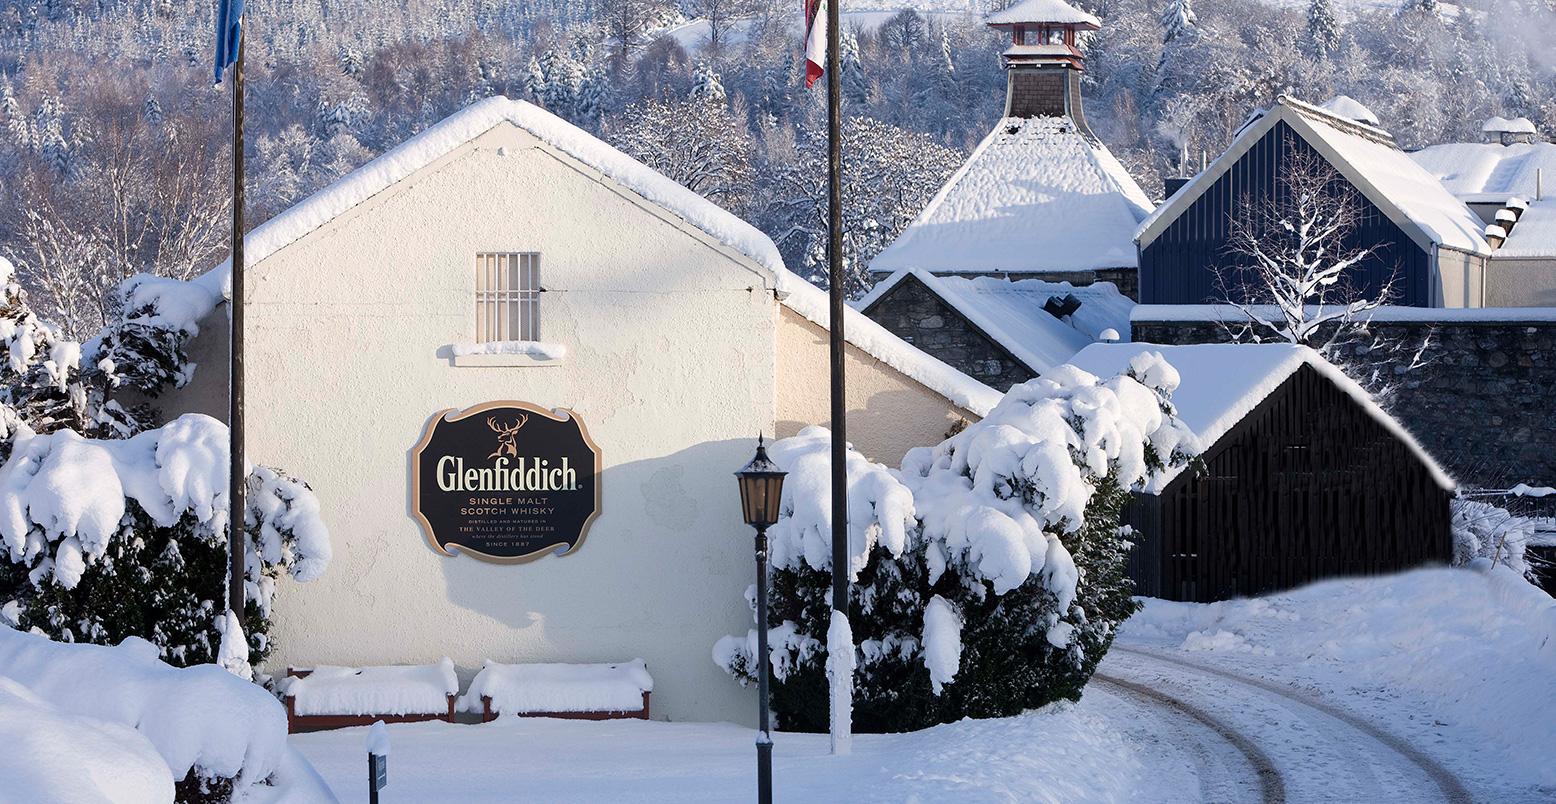 Glenfiddich in snow.jpg